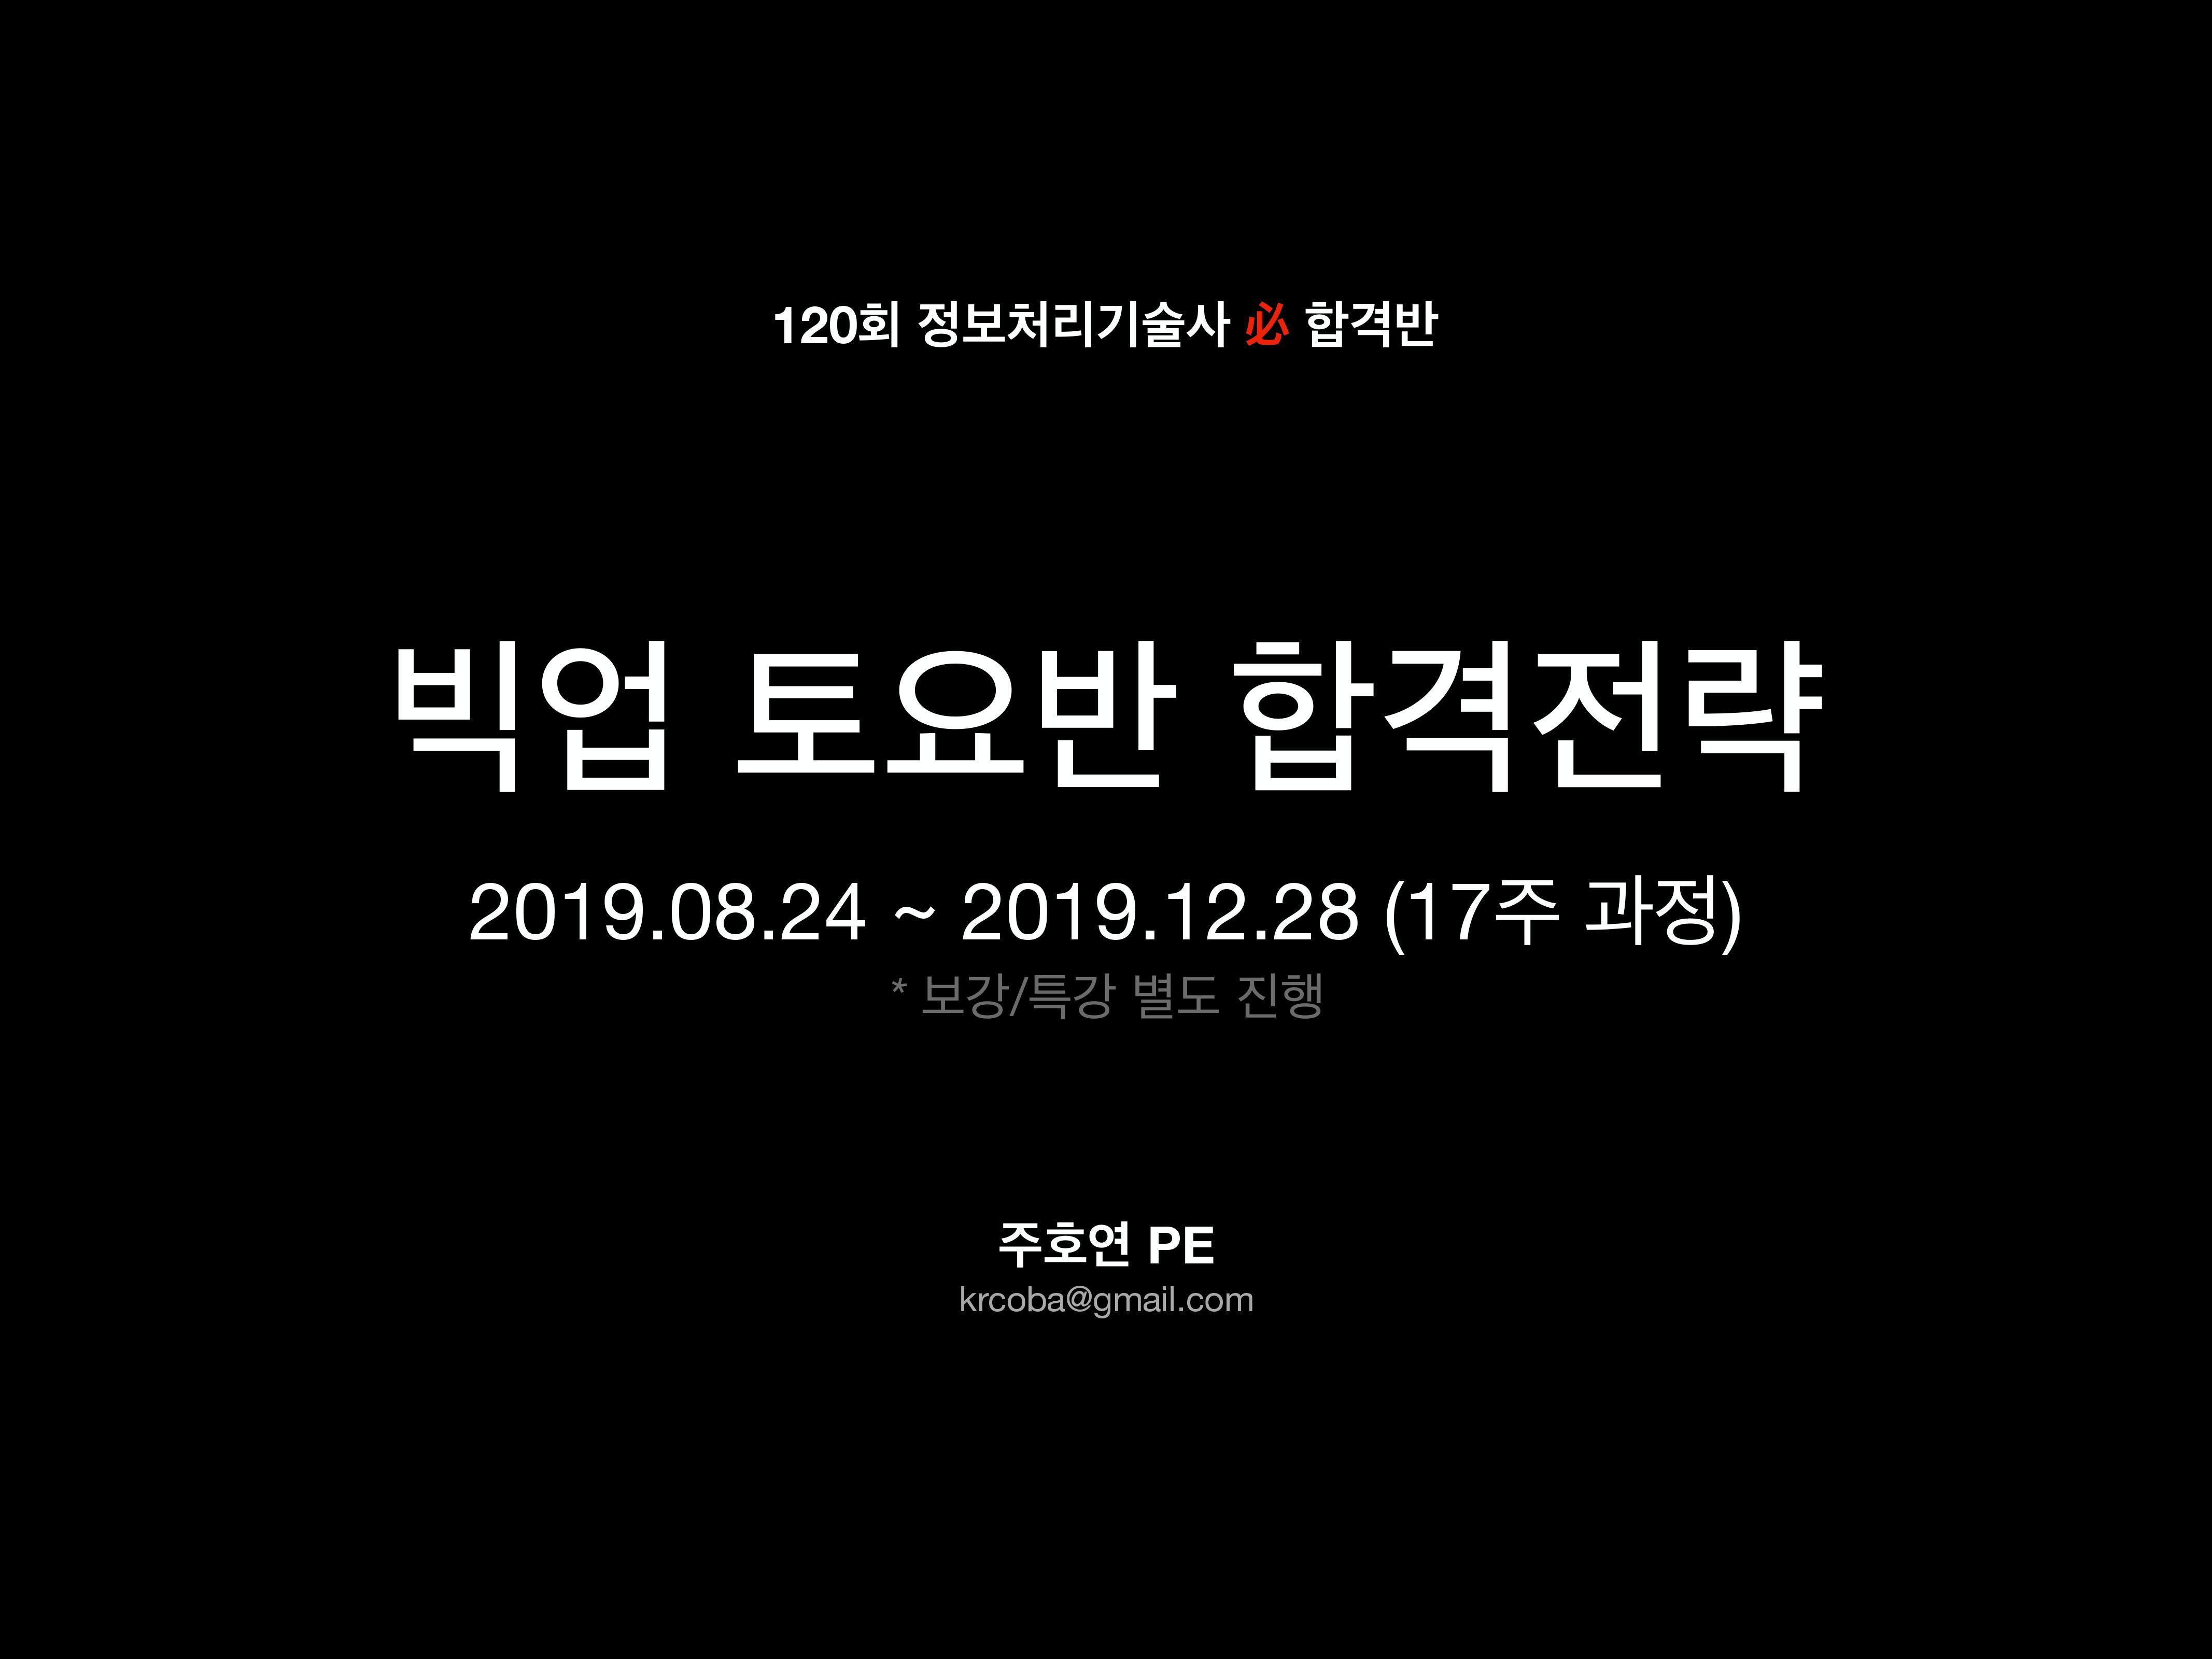 [정보처리기술사-실력완성] 빅업-토요반(주호연PE)